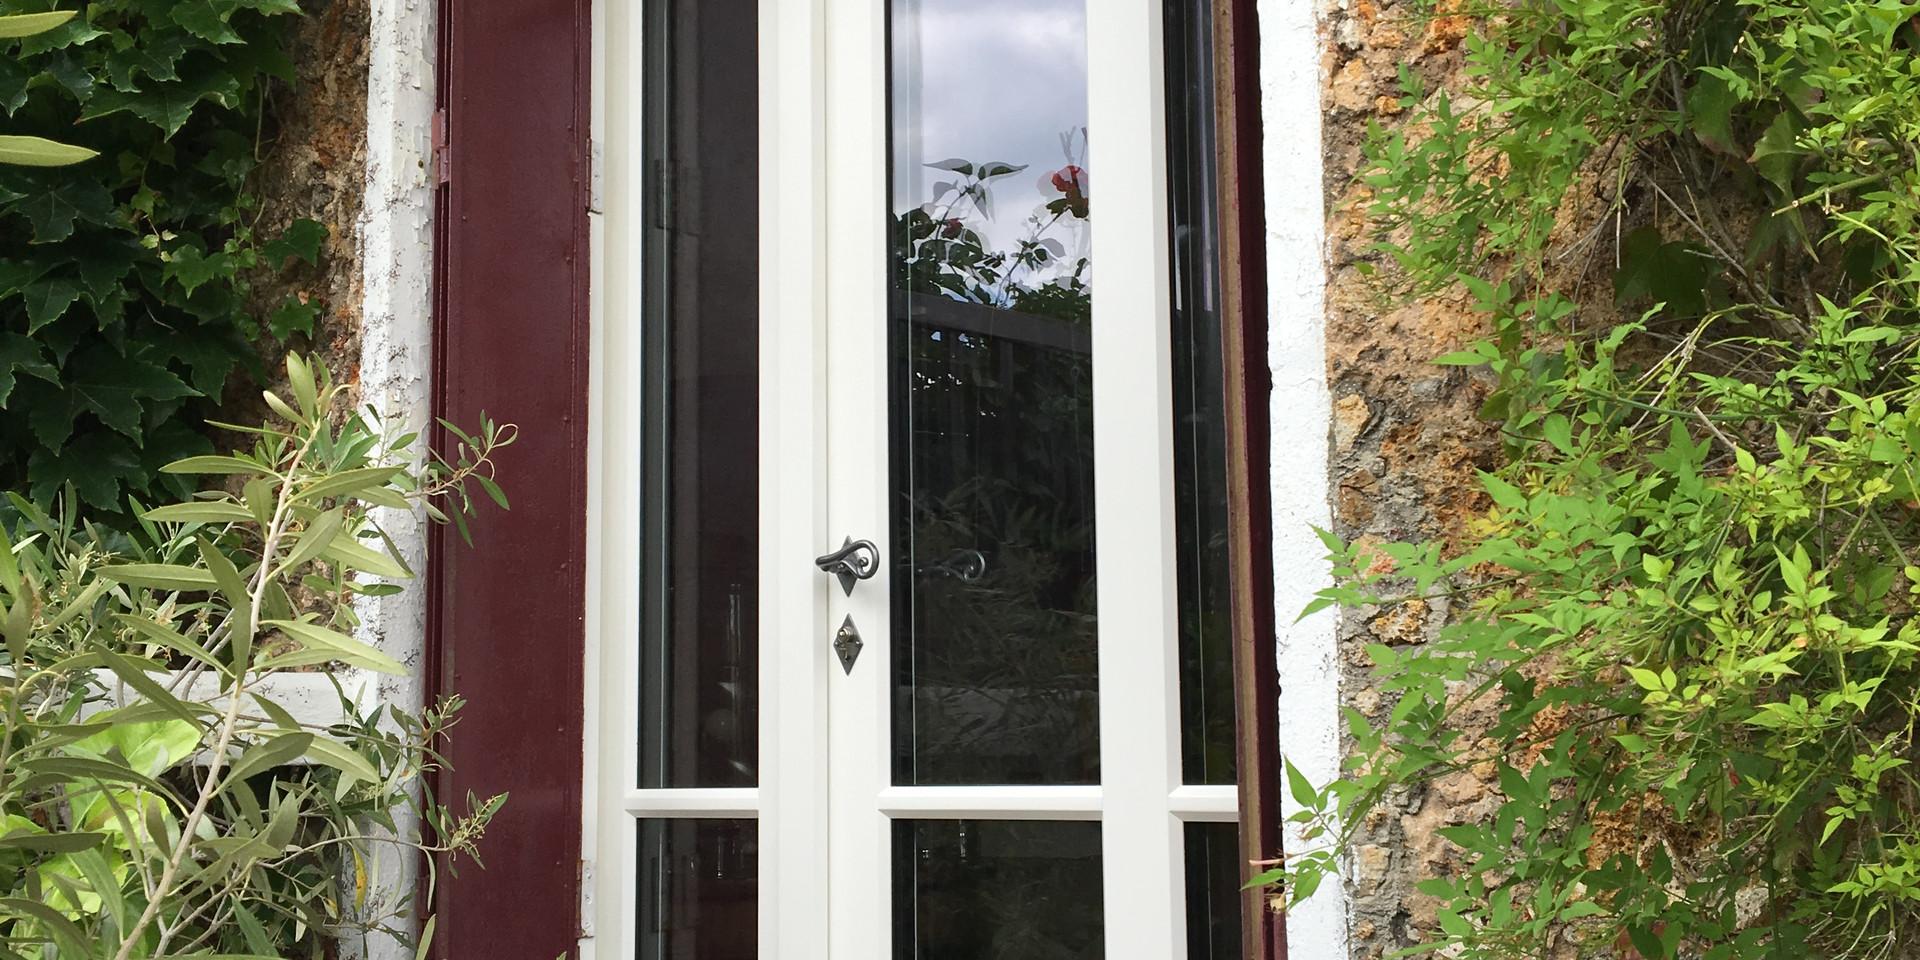 Porte fenêtre tiercé, copie de l'existant, gamme Patrimoine